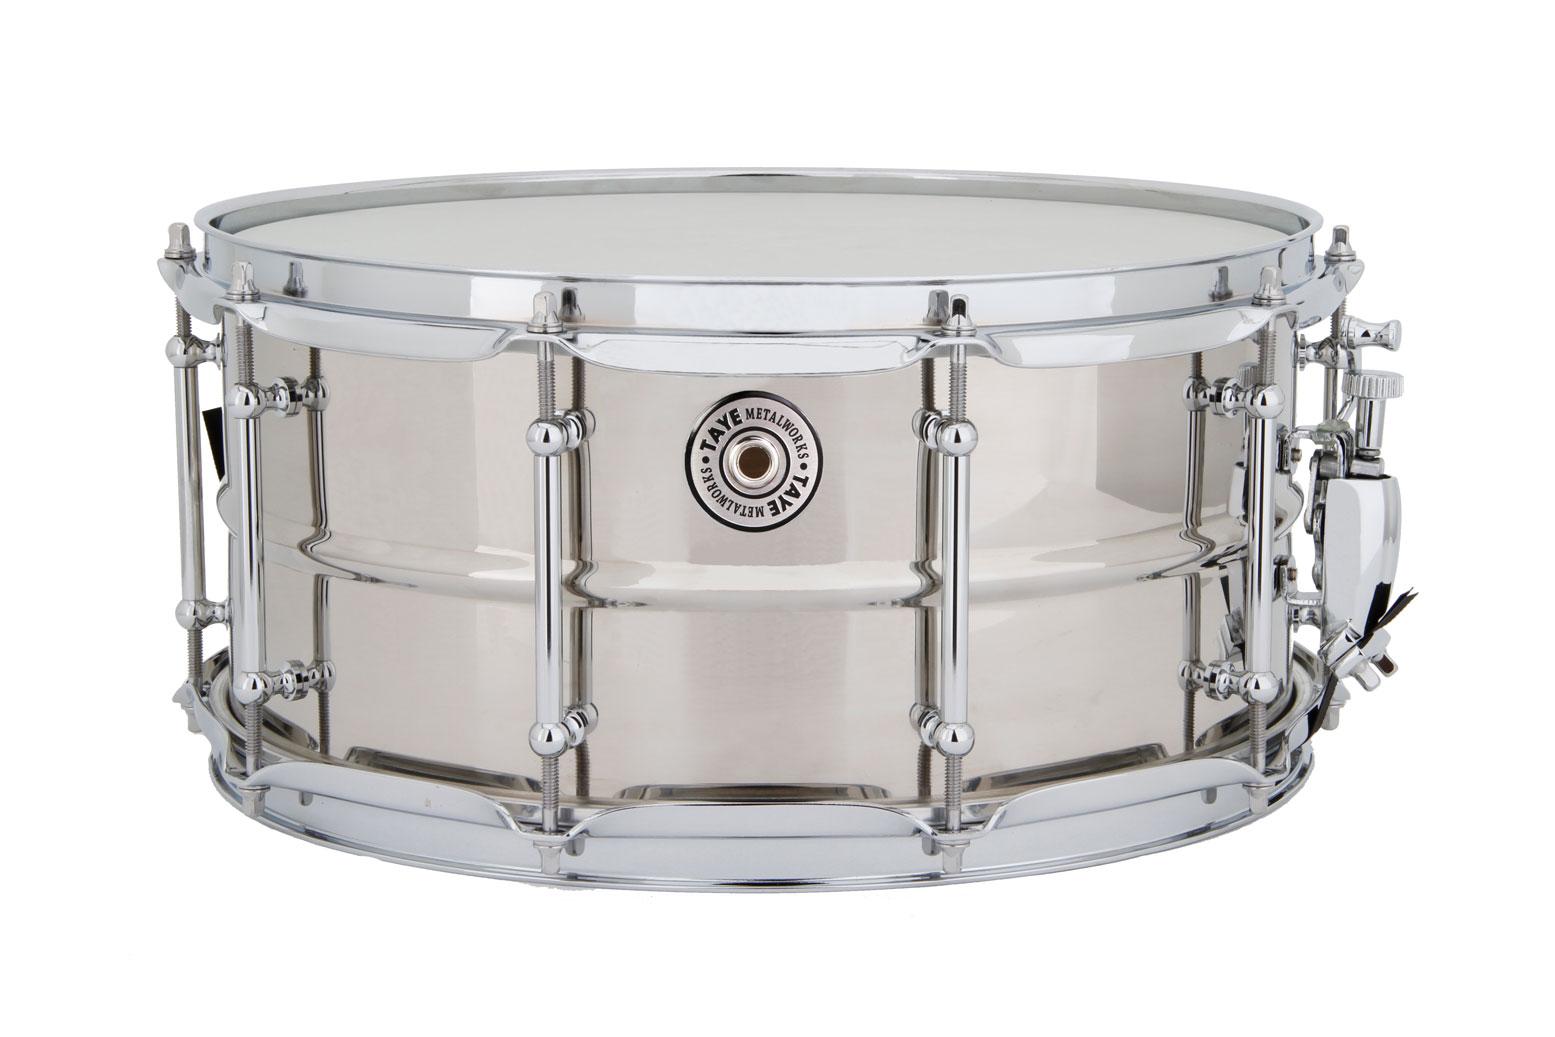 Taye Drums - MetalWorks Snare Drums